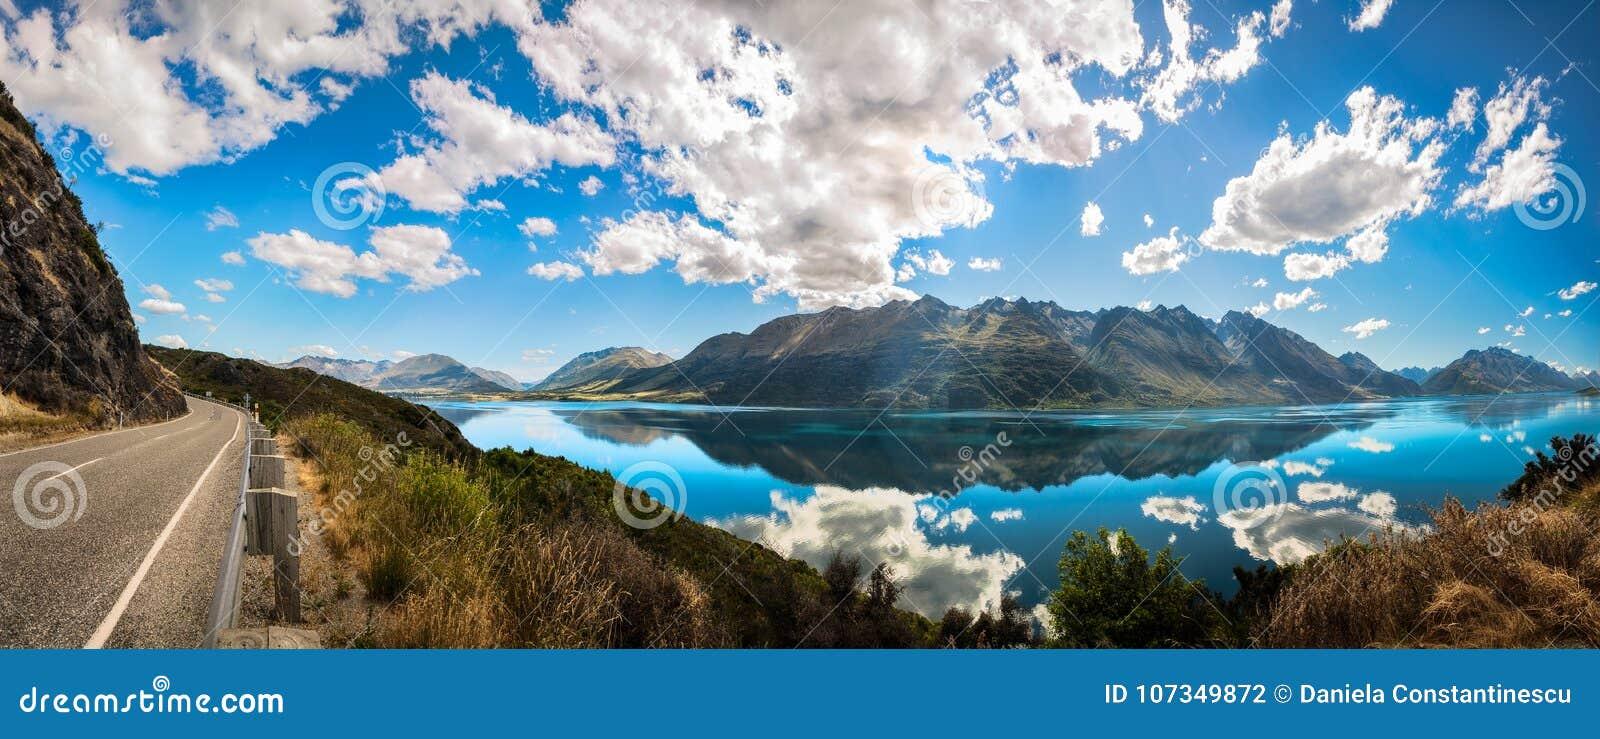 Surveillance célèbre à l heure d or au lac Wakatipu, Nouvelle-Zélande